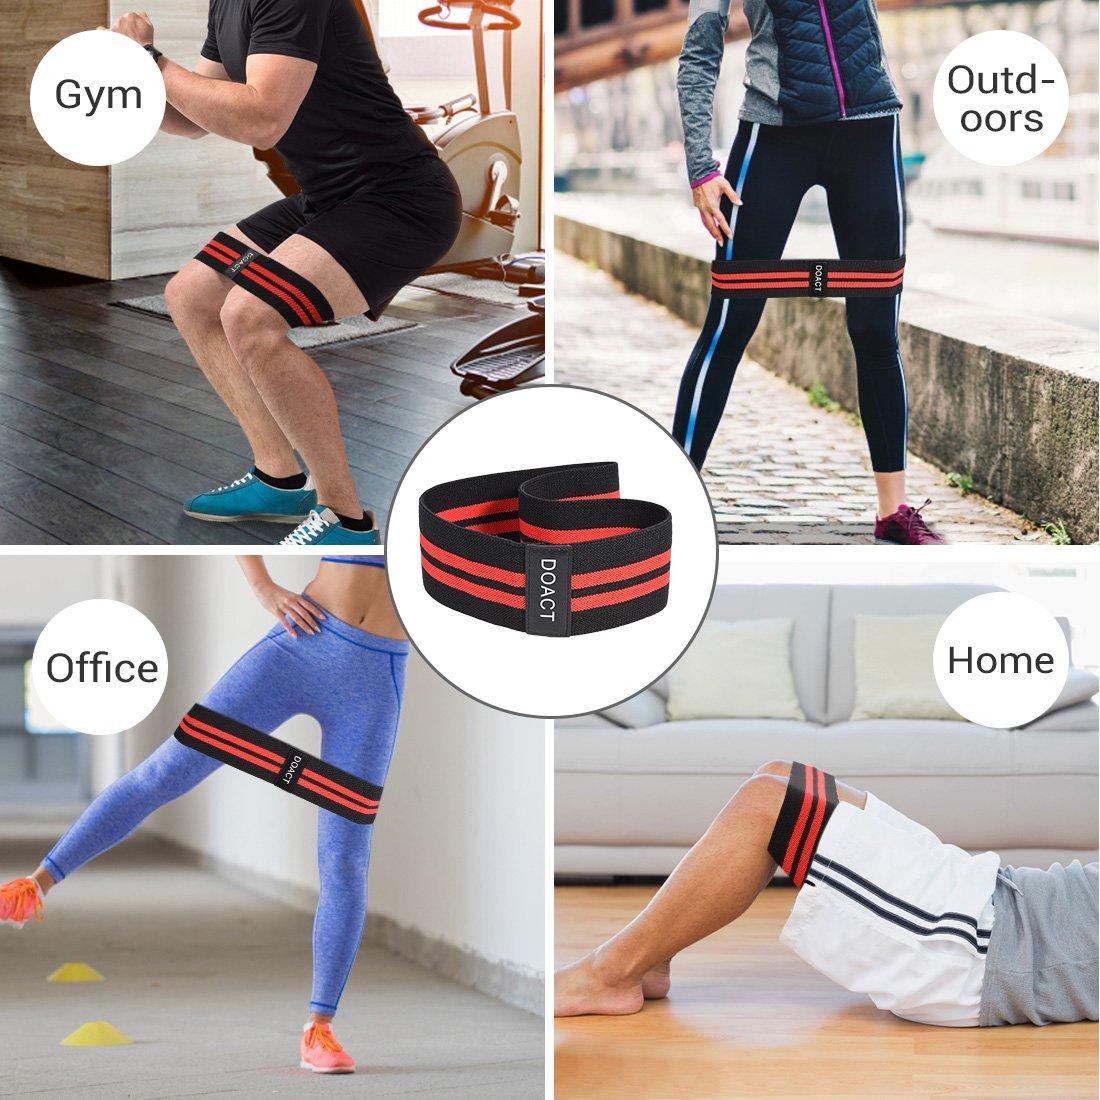 LDJ Yoga Banda el/ástica para entrenamiento de fitness para mujeres y hombres